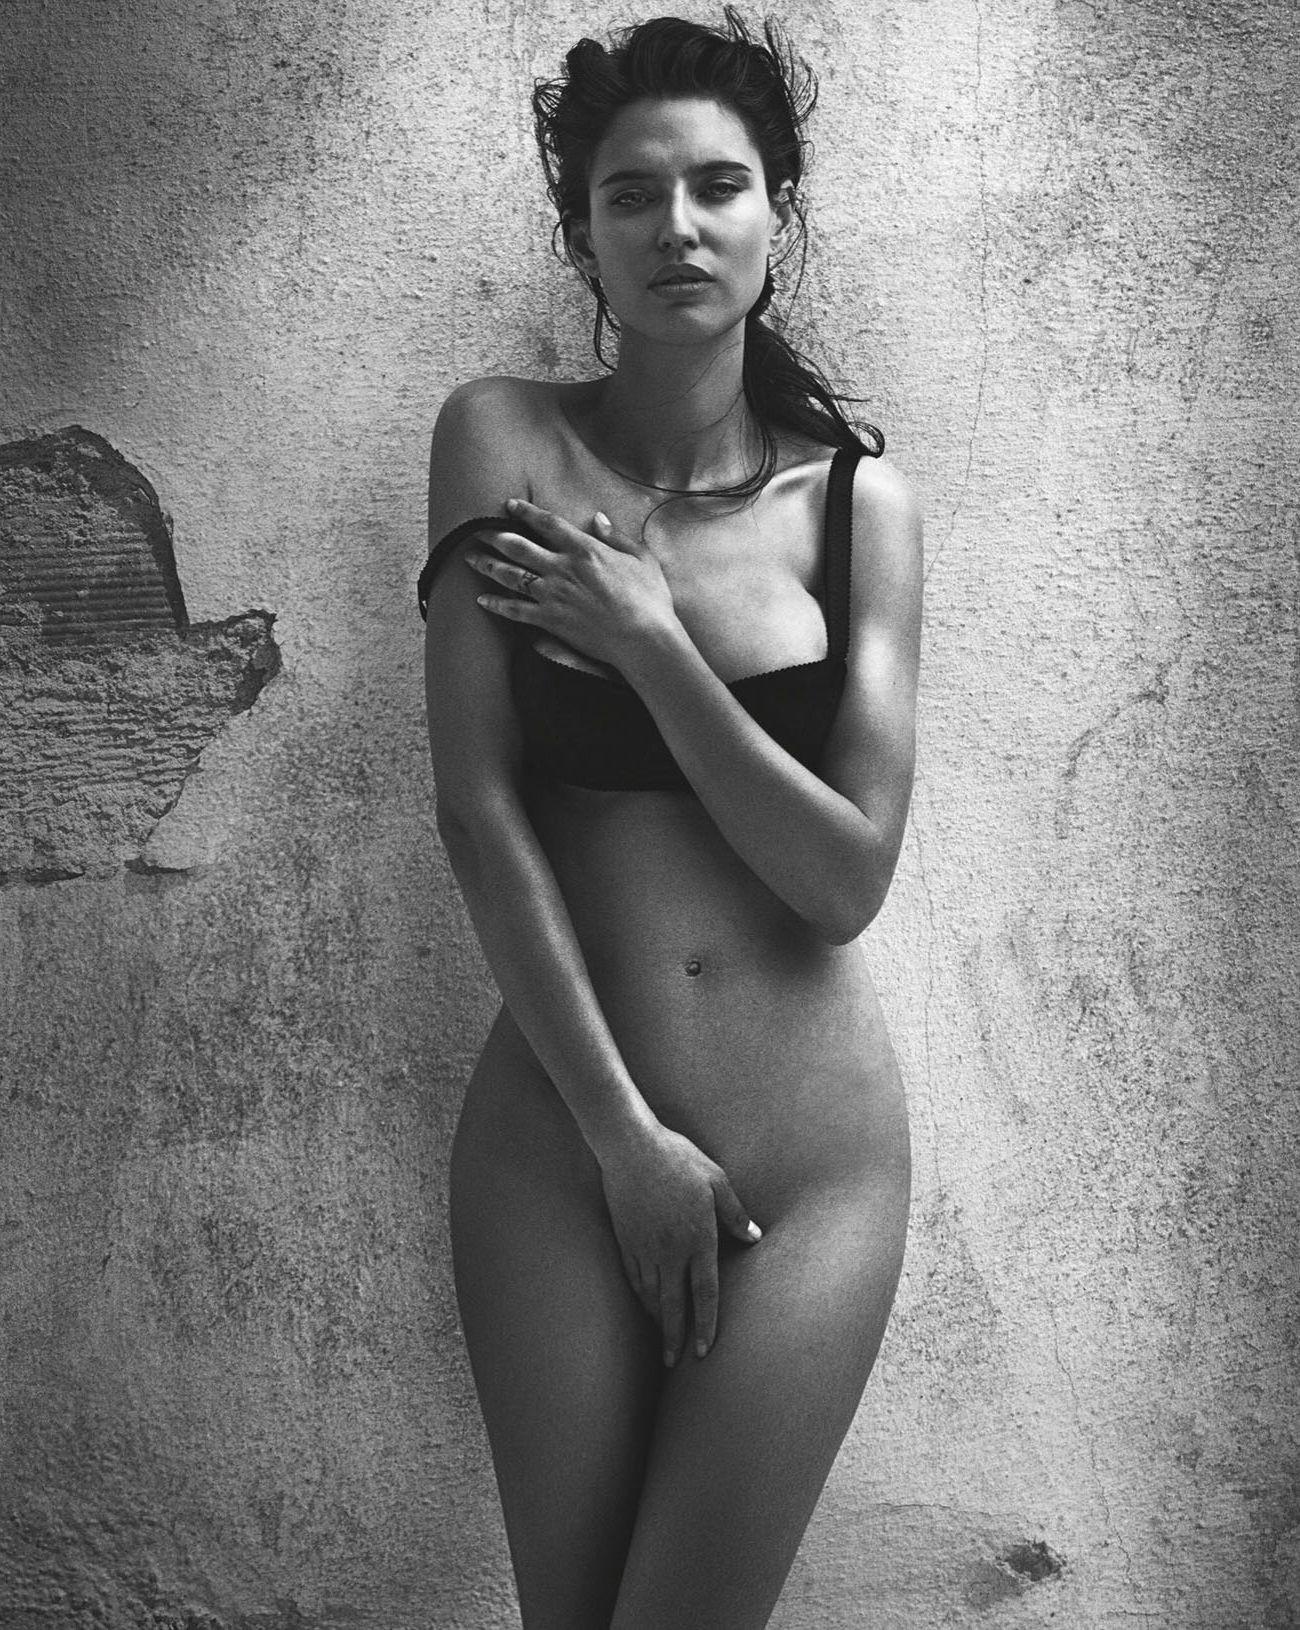 fotos de Bianca Balti desnuda